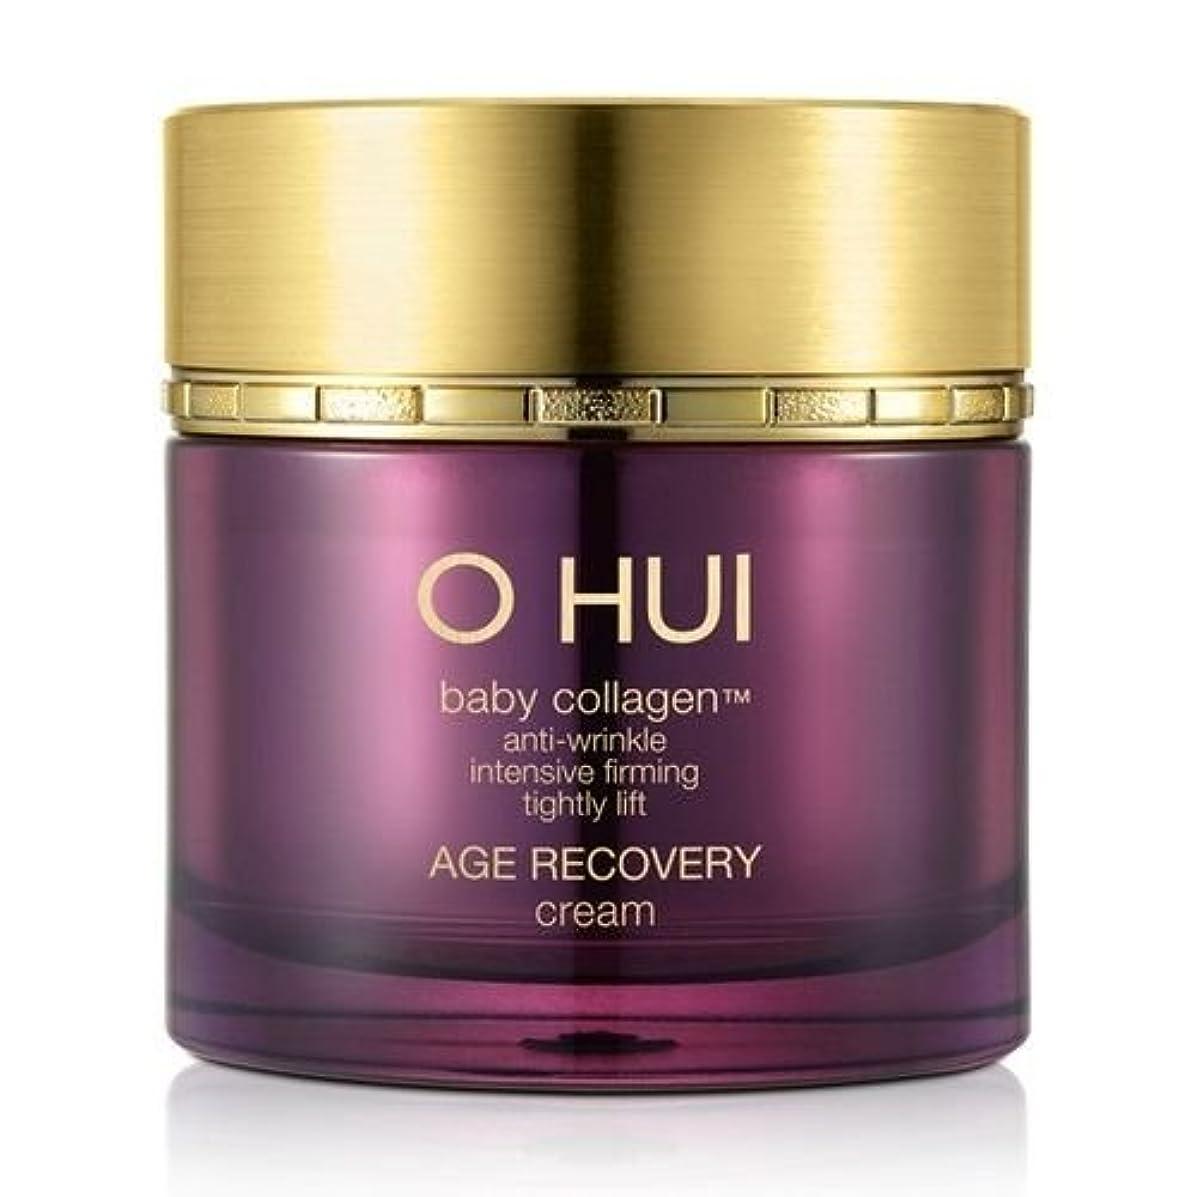 処方閲覧するブリークOHUI Age recovery Cream 50ml シワ改善機能性化粧品 [並行輸入品]